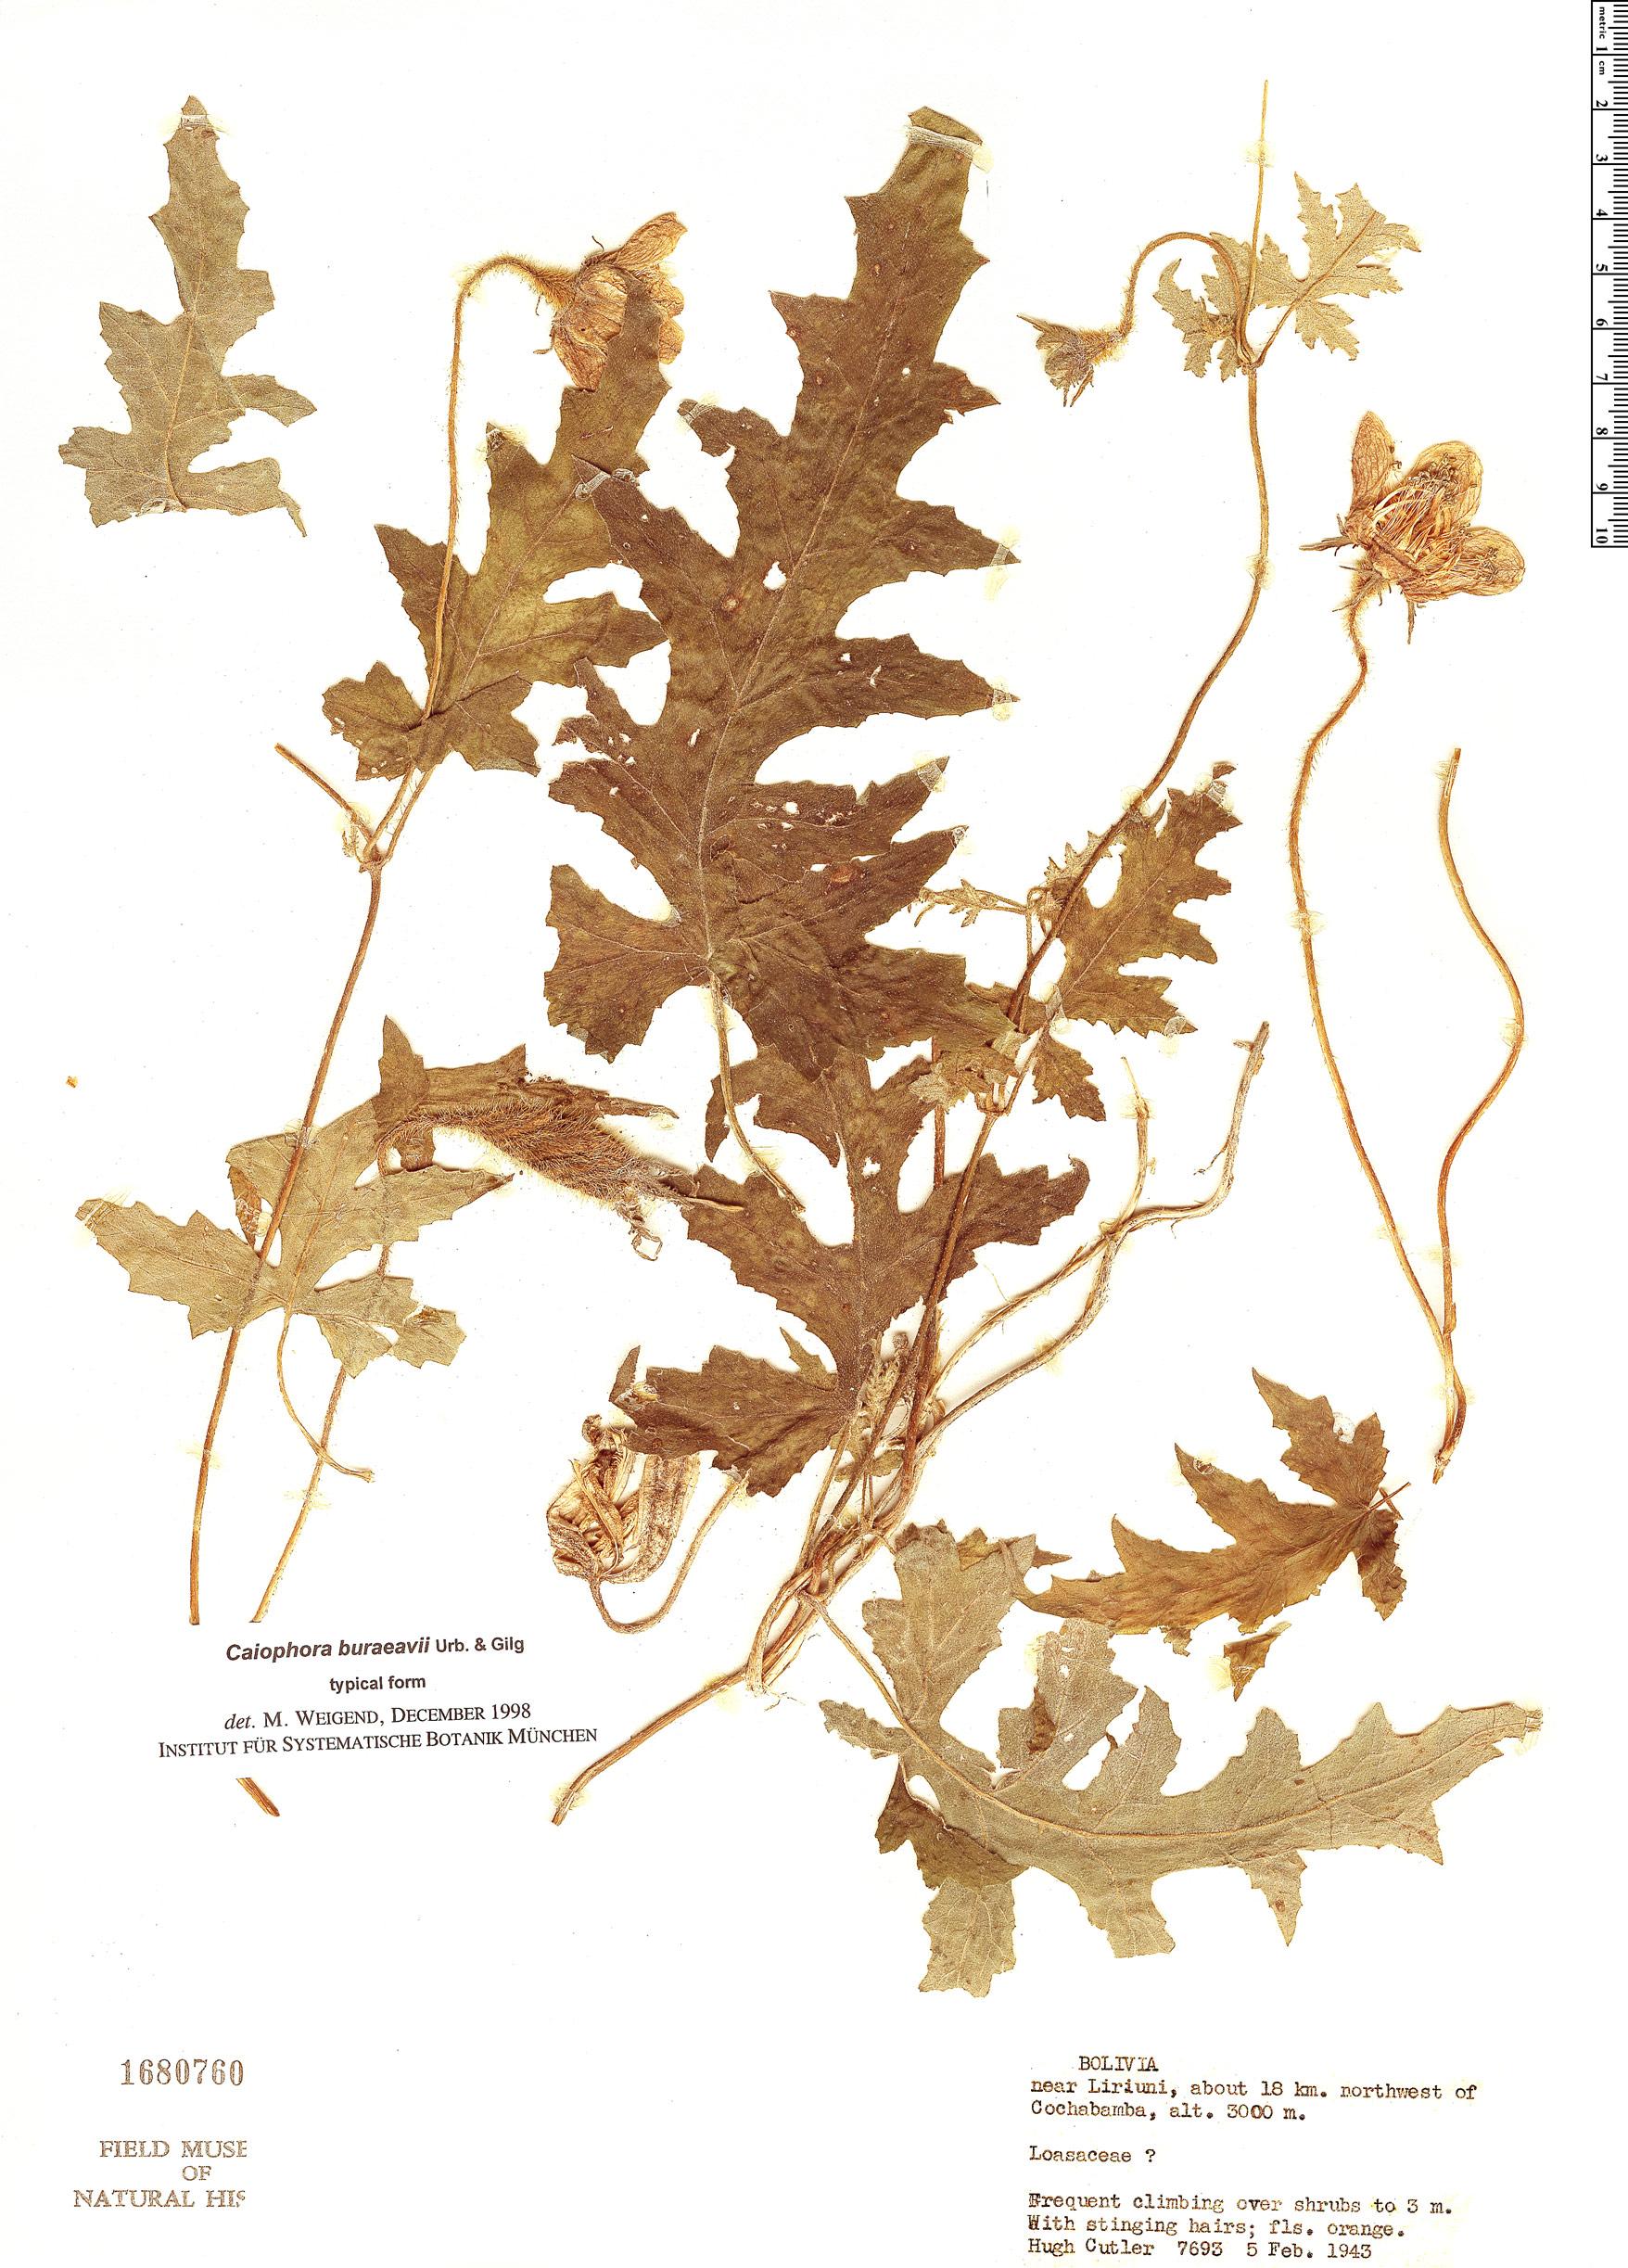 Specimen: Caiophora buraeavii